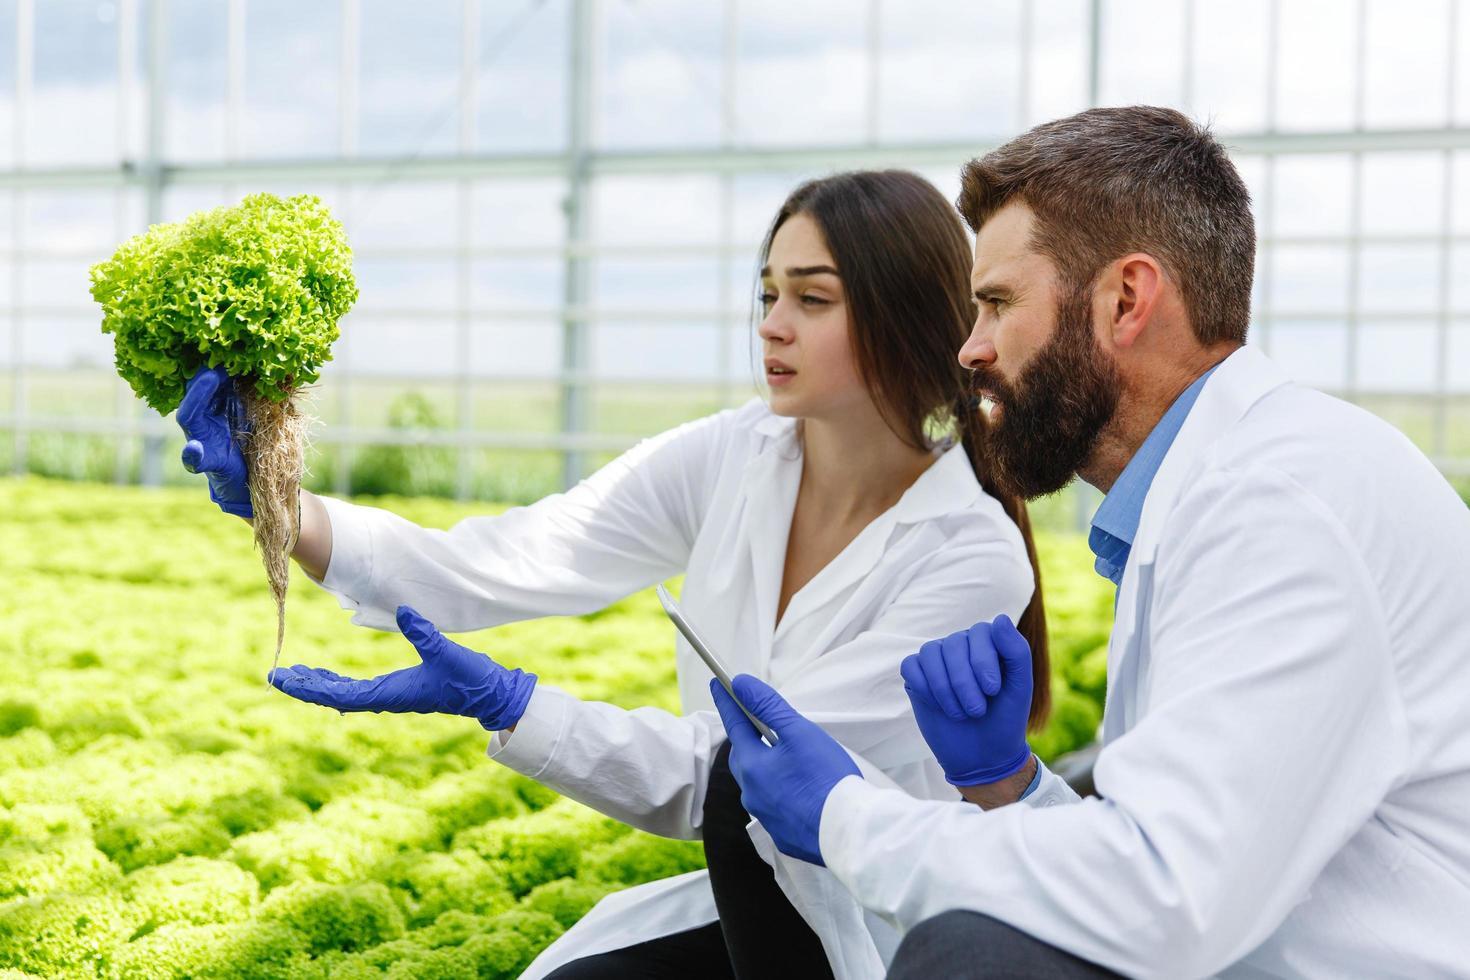 chercheurs de laboratoire à la recherche de plantes photo